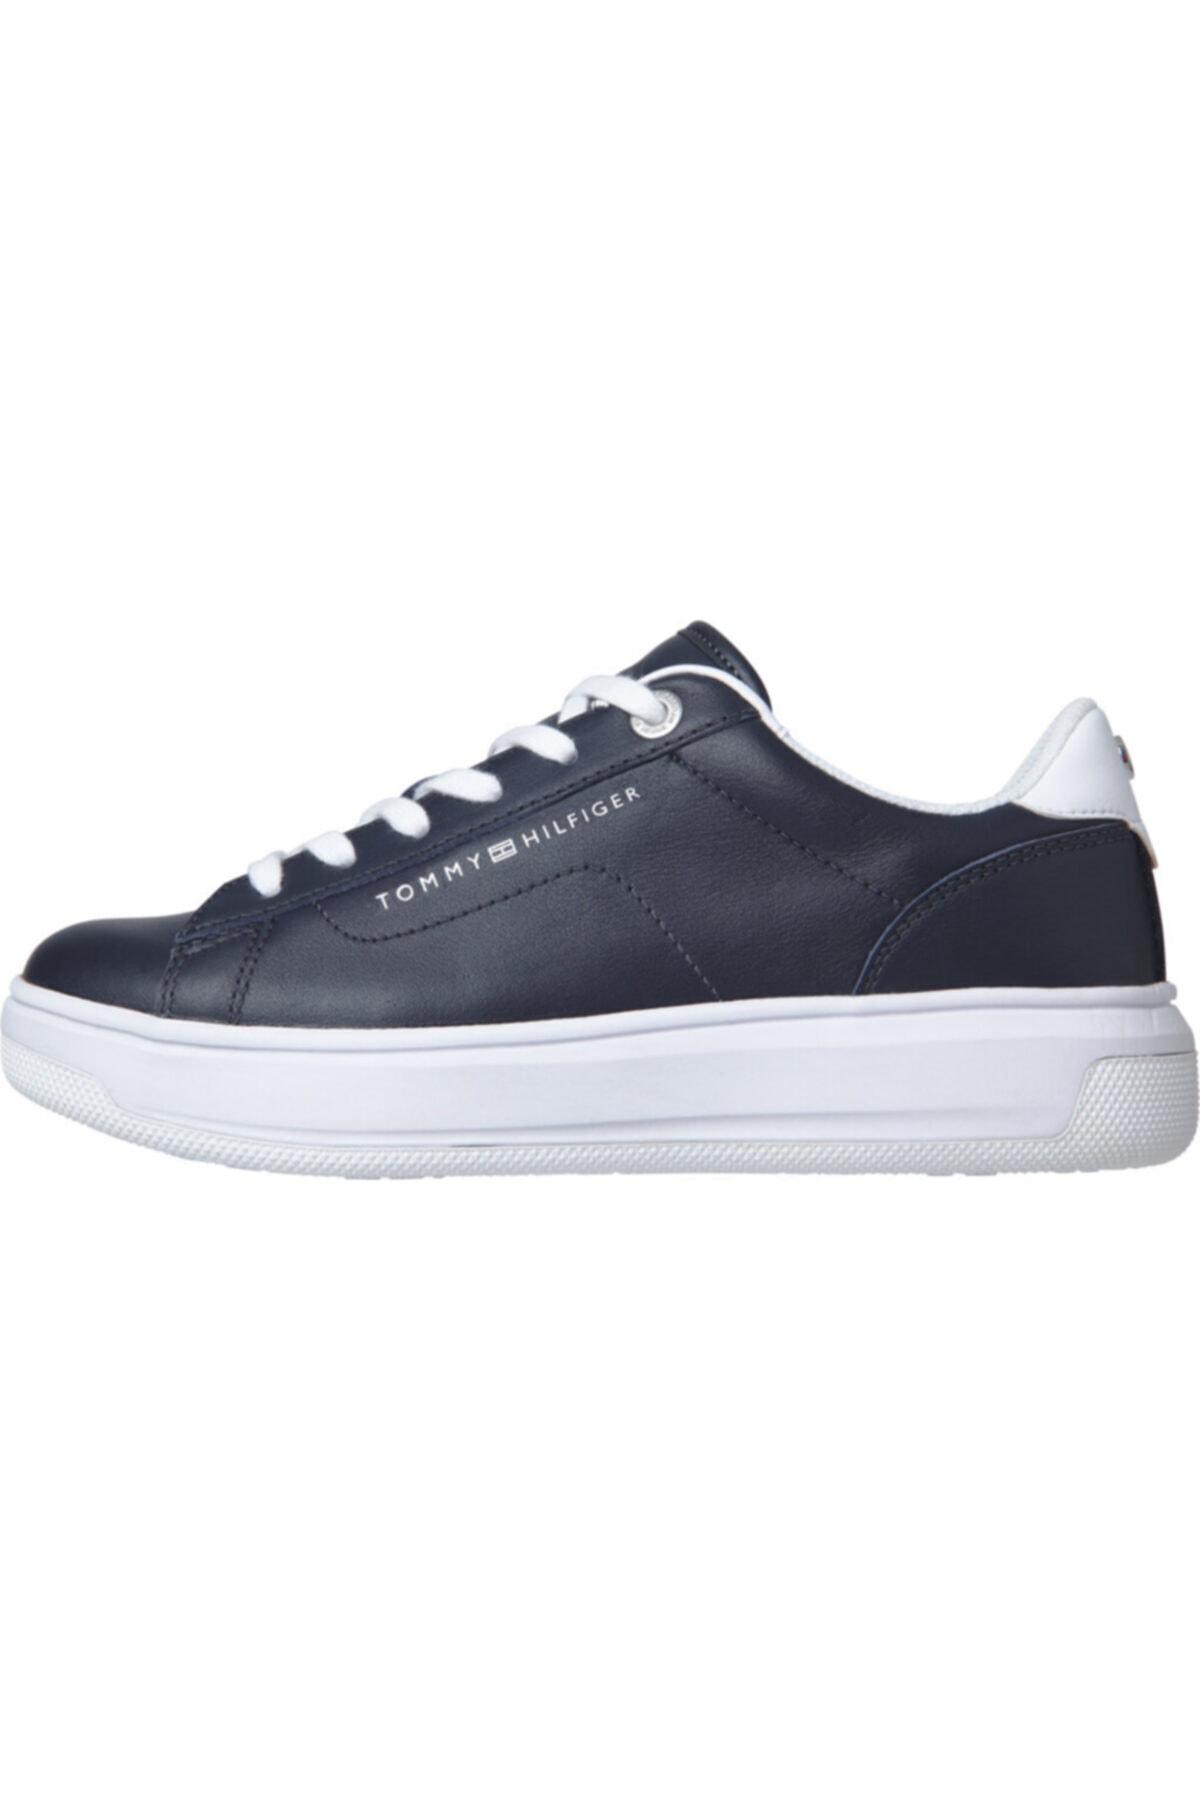 Tommy Hilfiger Kadın Th Cupsole Deri Sneaker 1